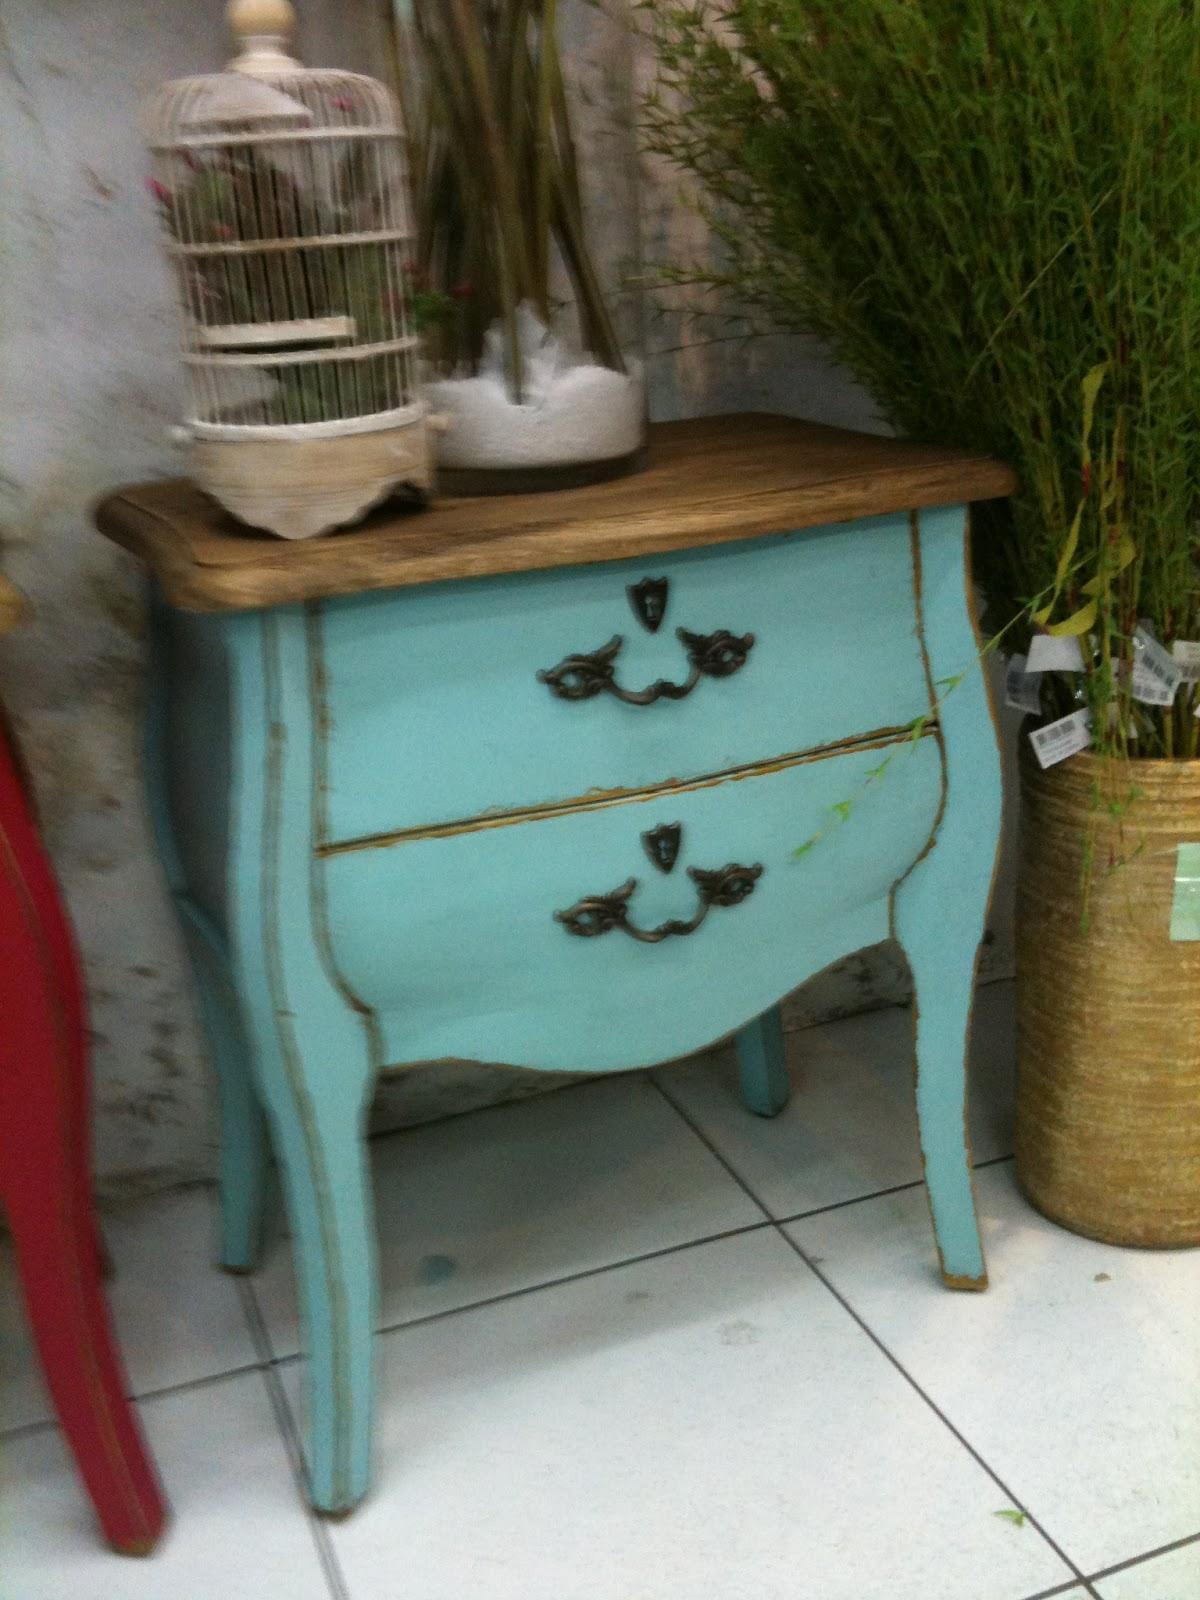 By Joyce. Pátina e Laqueado em Móveis.: Patina provençal colorida #633529 1200x1600